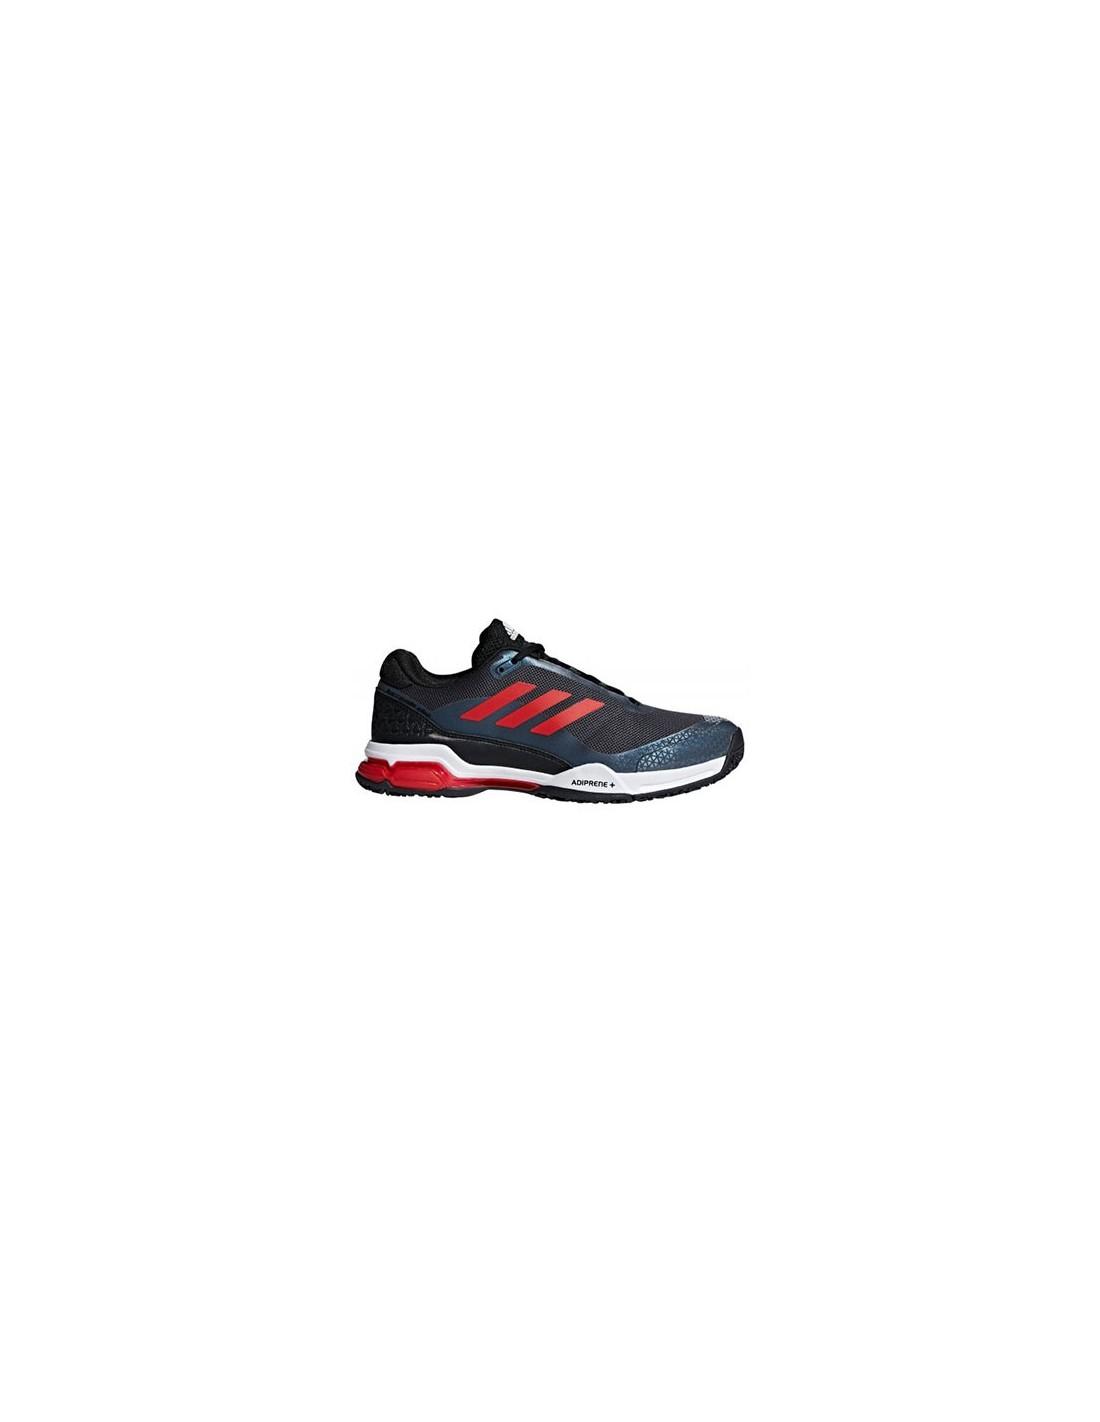 low priced 4d530 9a6c6 Adidas Barricade 2018 Club OC Black